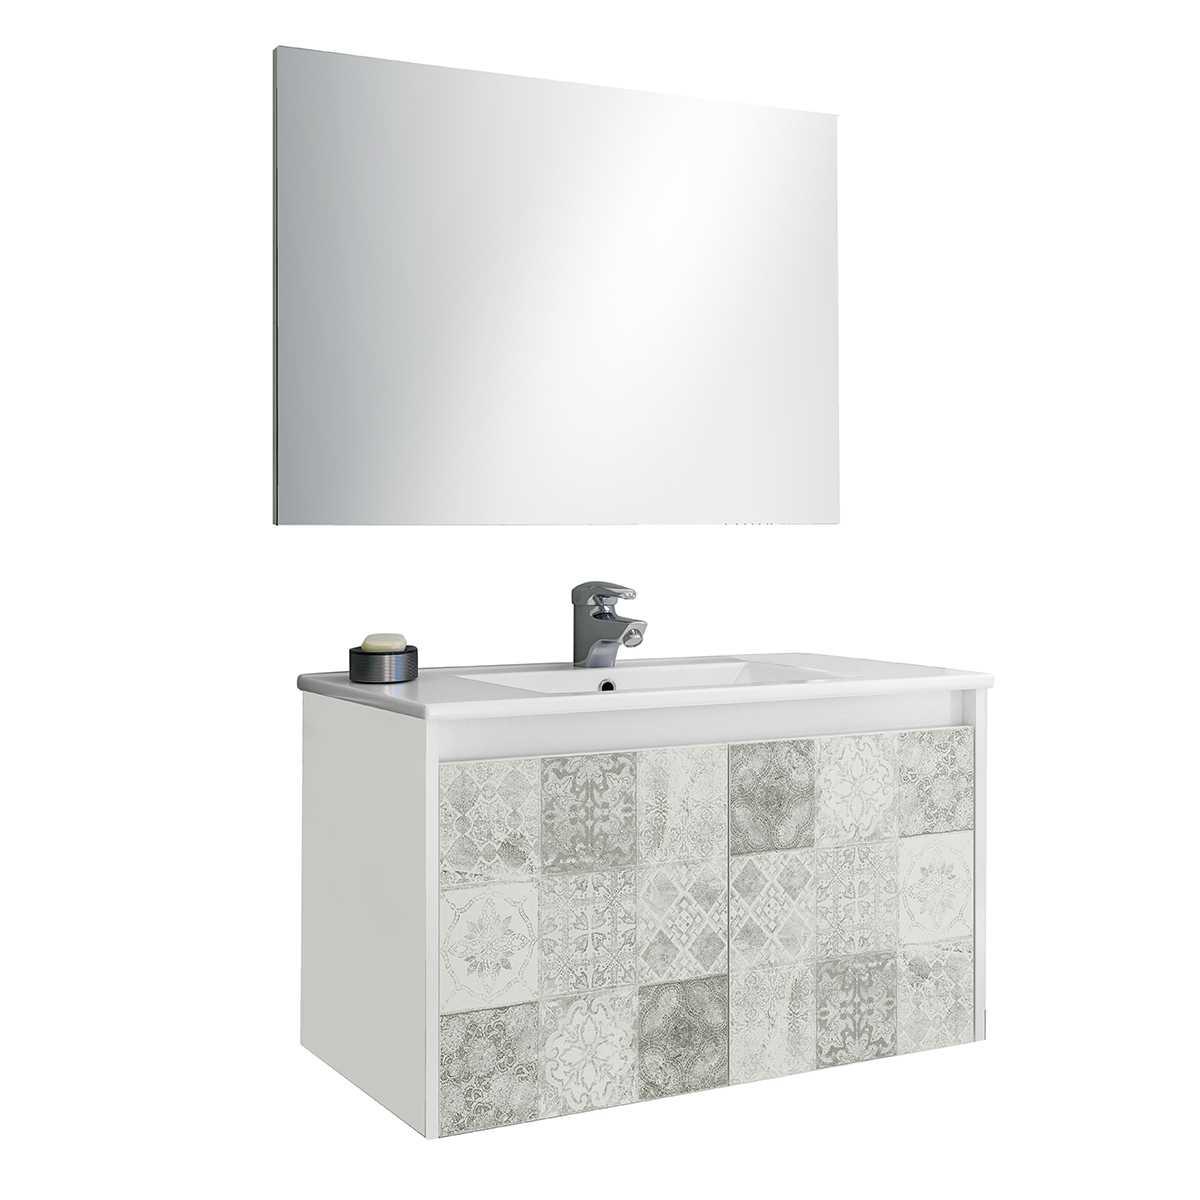 Mobile bagno sospeso in materiale melaminico completo di base sospesa con due ante, lavabo in ceramica e specchio. Colore bianco lucido e riproduzione cementine.